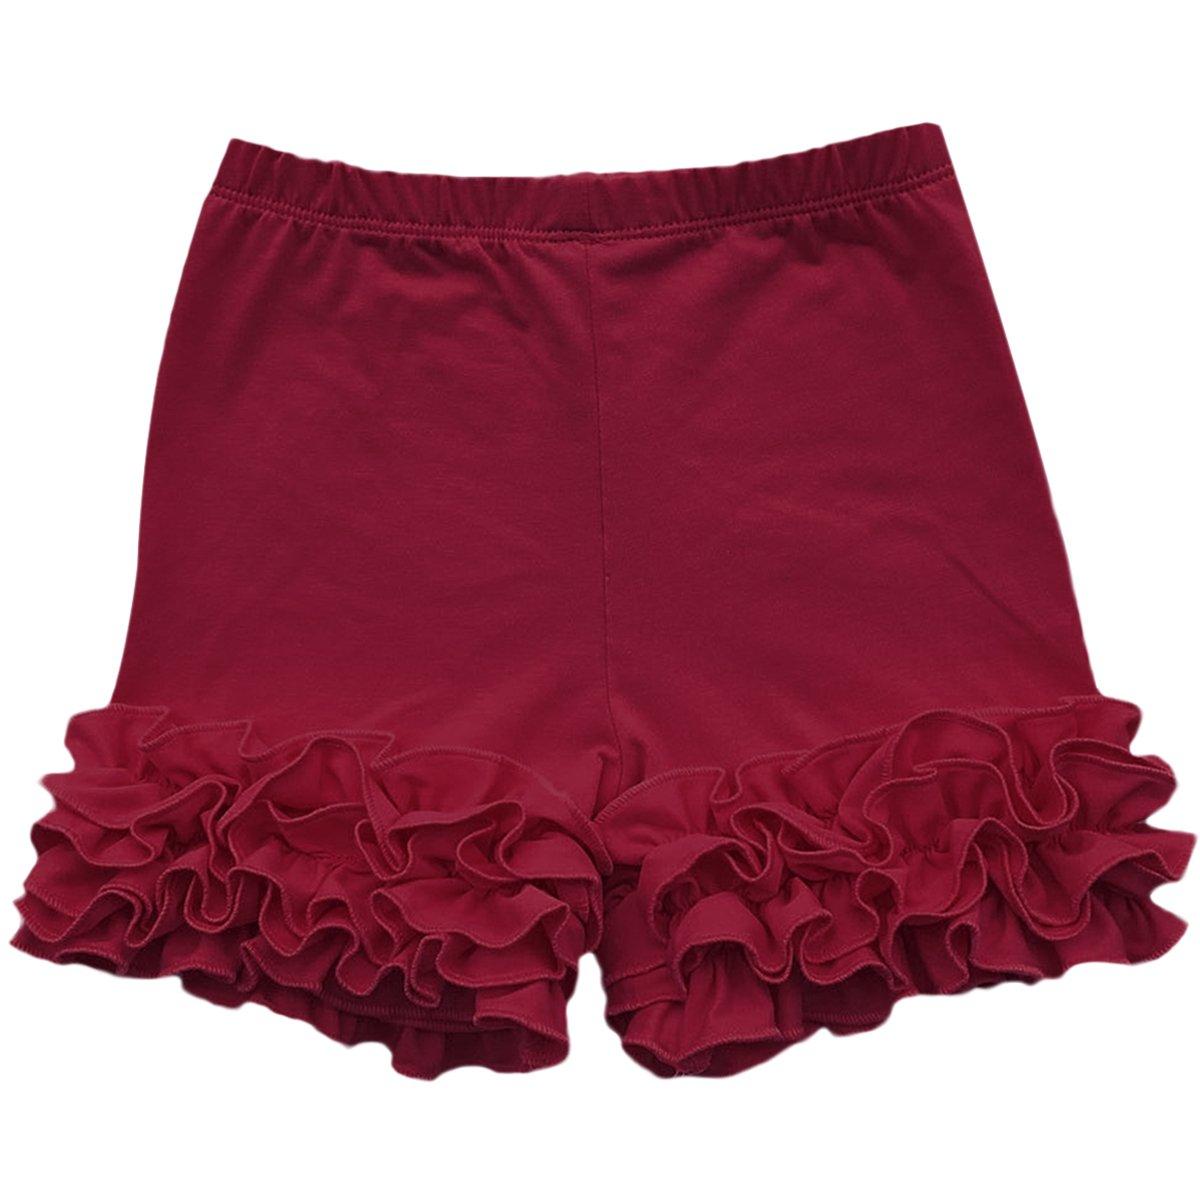 IWEMEK Little Girl Double Icing Ruffle Cotton Shorts Bike Sport Bottom Pants Activewear